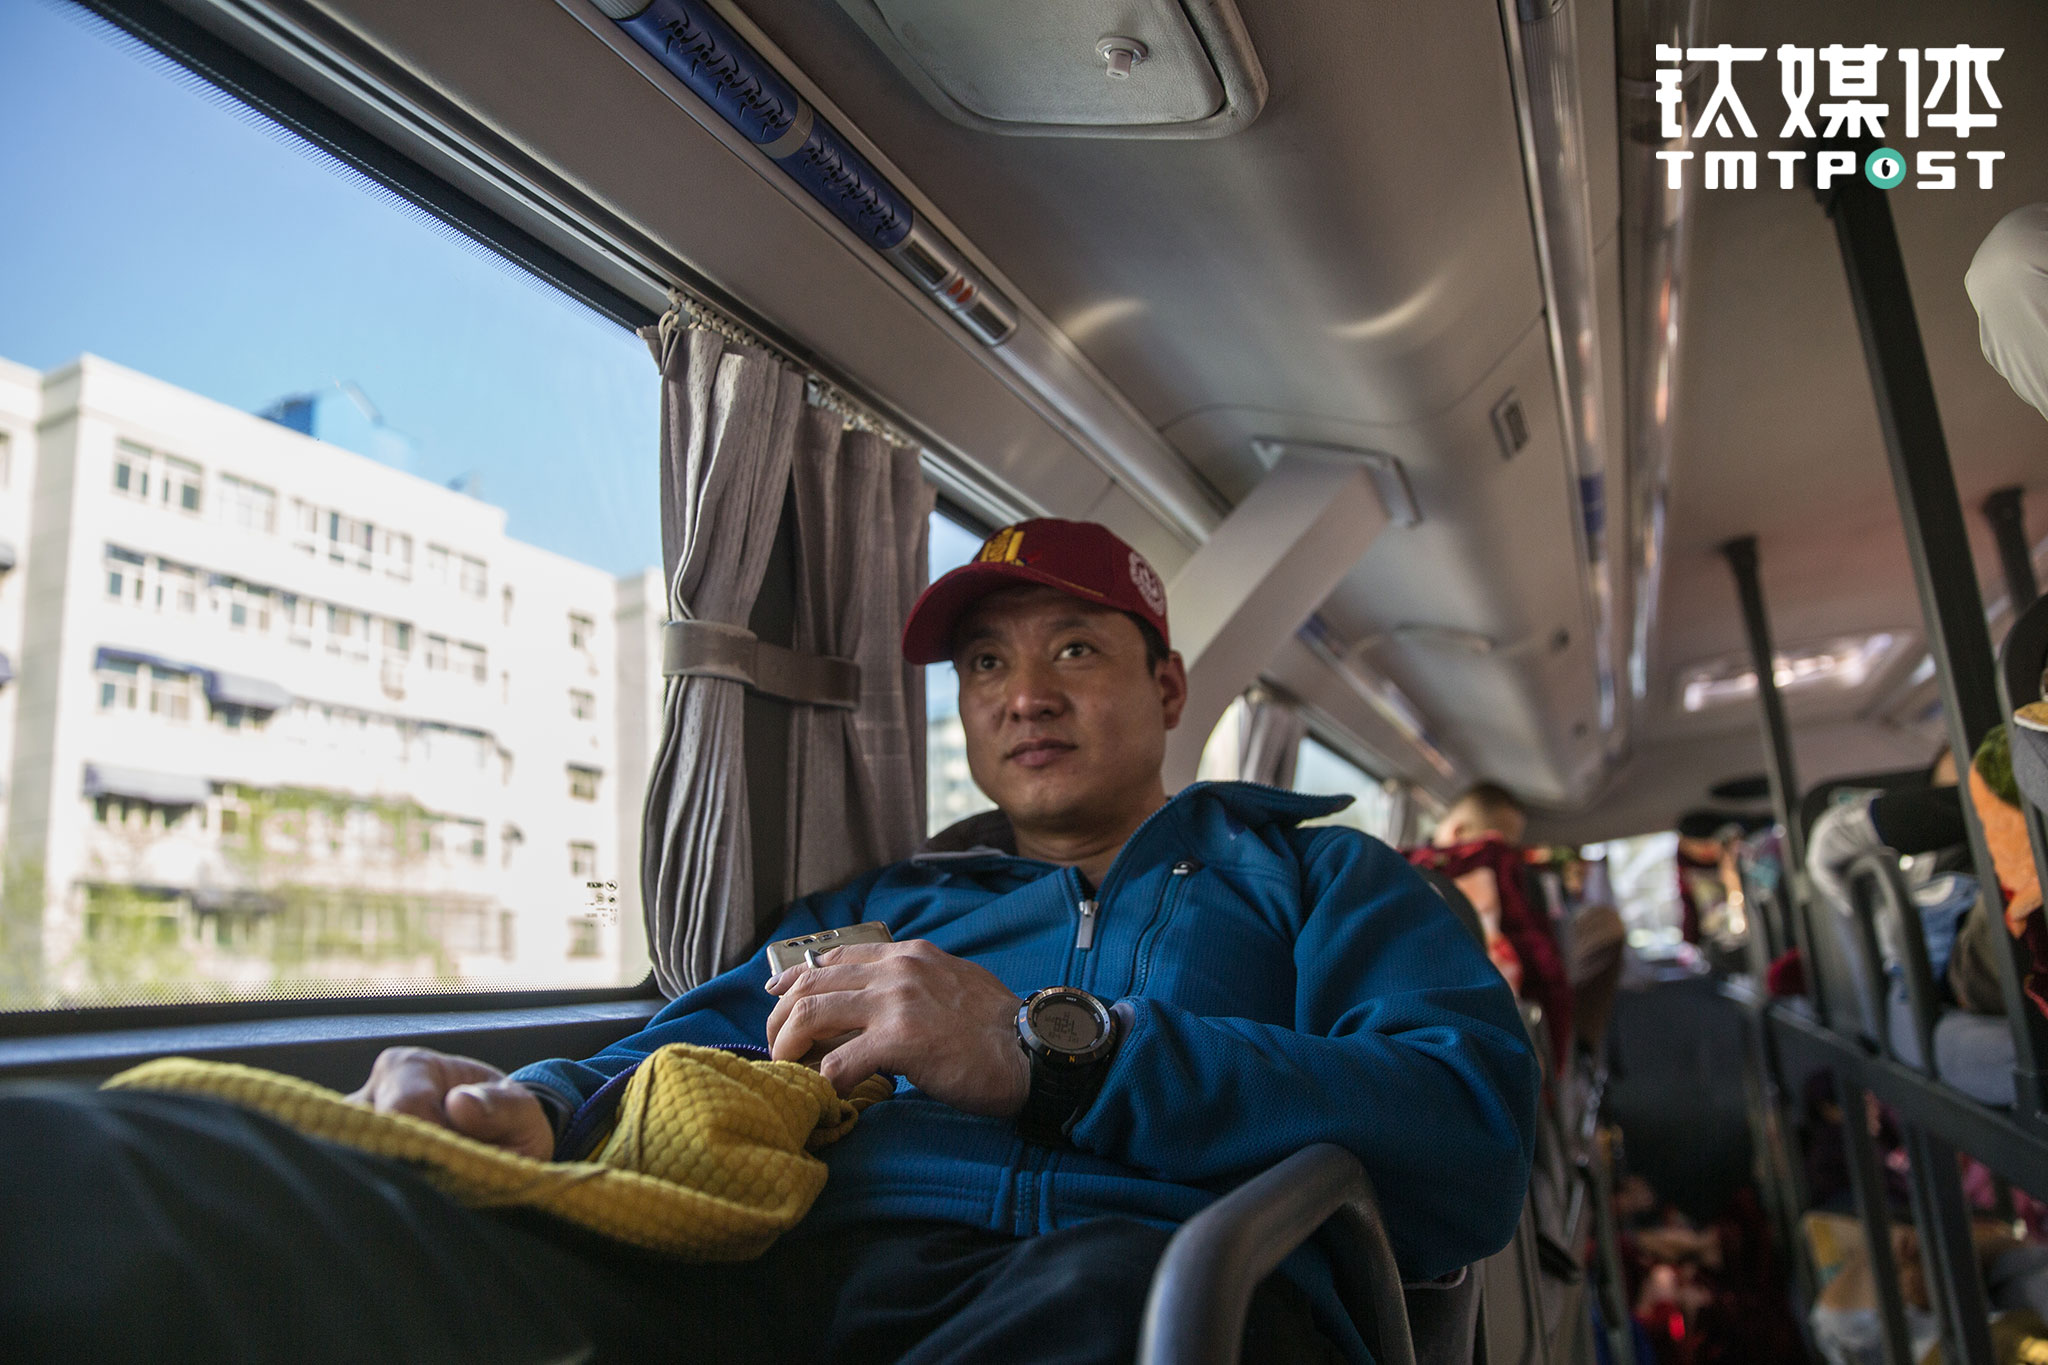 4月28日,江湖带了一支12人的小队伍,从乌鲁木齐出发前往昭苏,进行夏特古道的重装徒步活动。夏特古道是国内顶级徒步路线之一,它穿越天山,联通南北疆,从伊犁昭苏到南疆阿克苏,全长120公里,一路有草原牧场、冰川、原始茂林、冰河等景观,唐代高僧玄奘西行取经时,曾穿越这条线路。